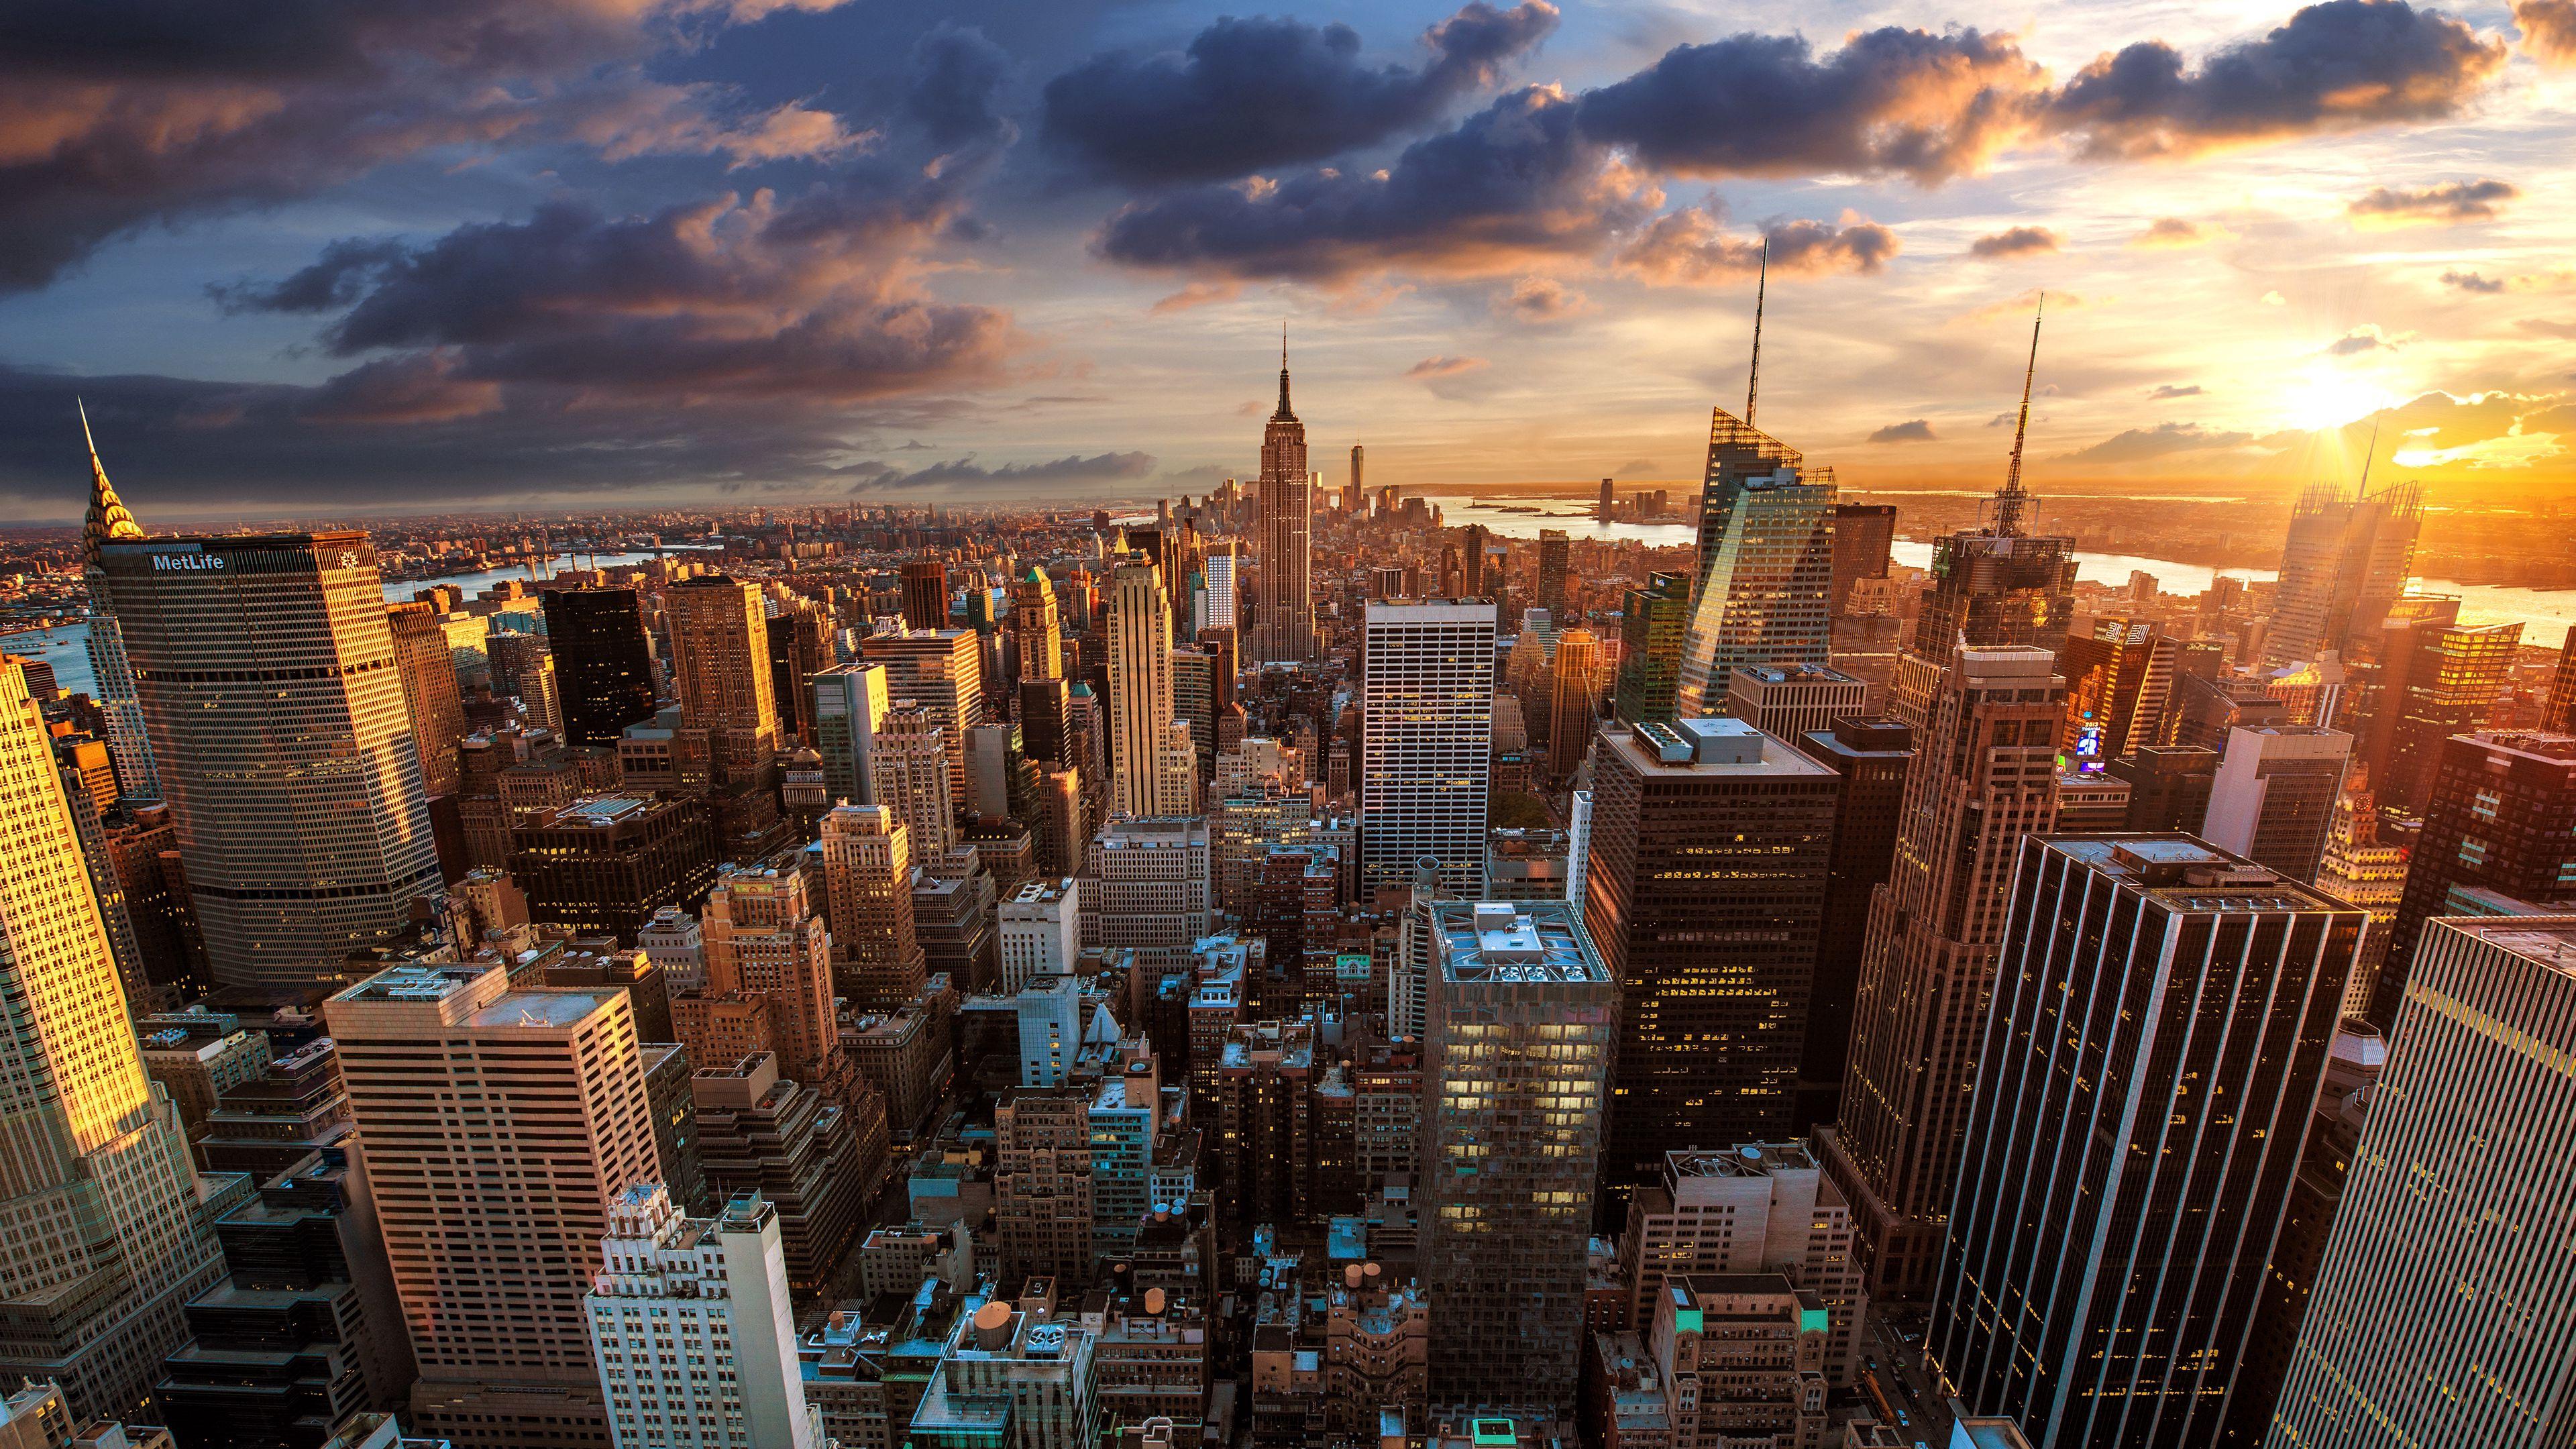 118696 Заставки и Обои Города на телефон. Скачать Город, Вид Сверху, Небоскребы, Мегаполис, Нью-Йорк, Архитектура, Города картинки бесплатно